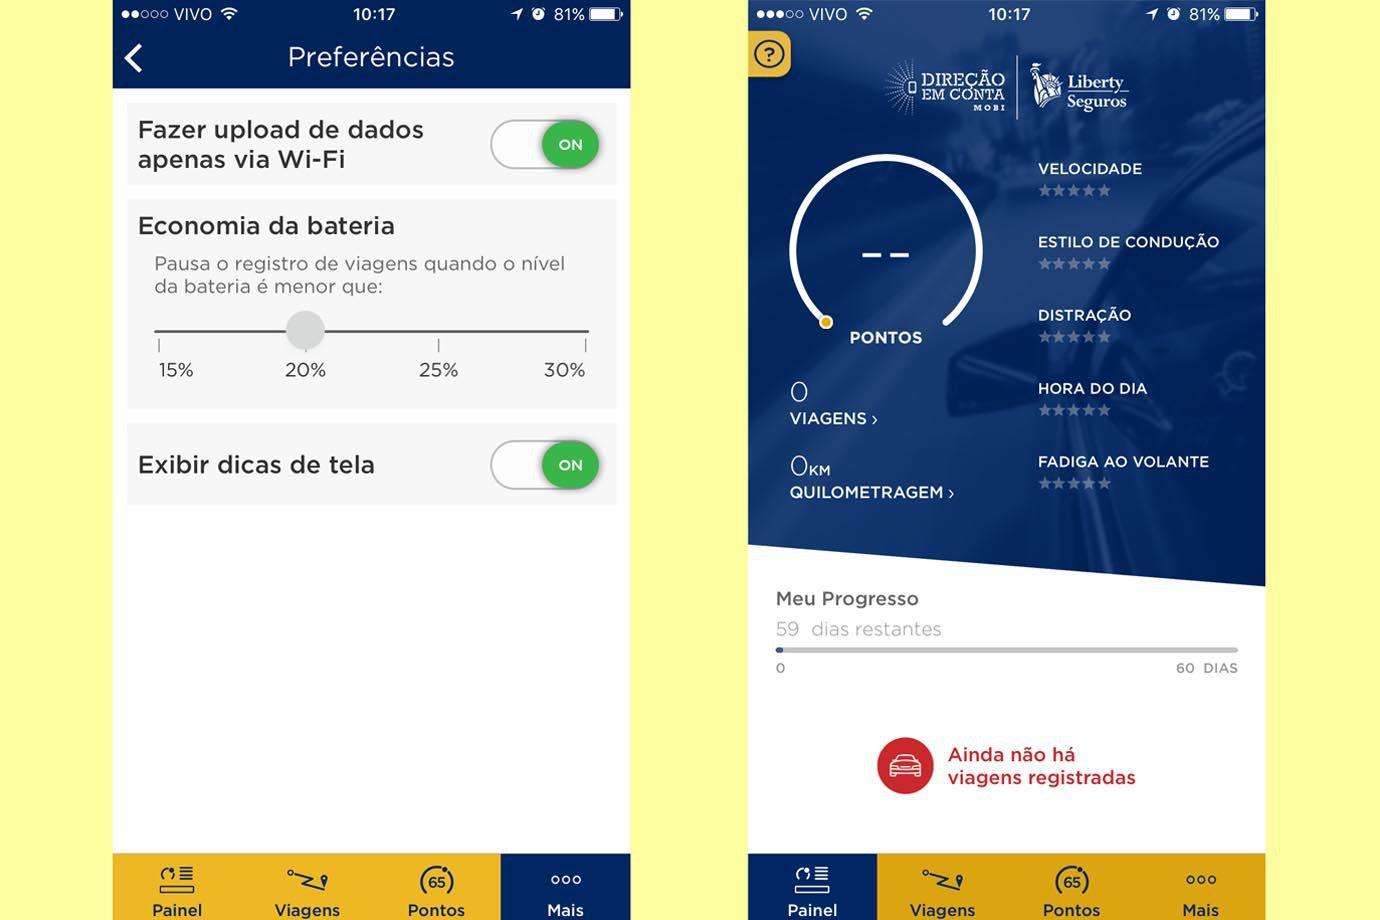 Telas do aplicativo Direção em conta